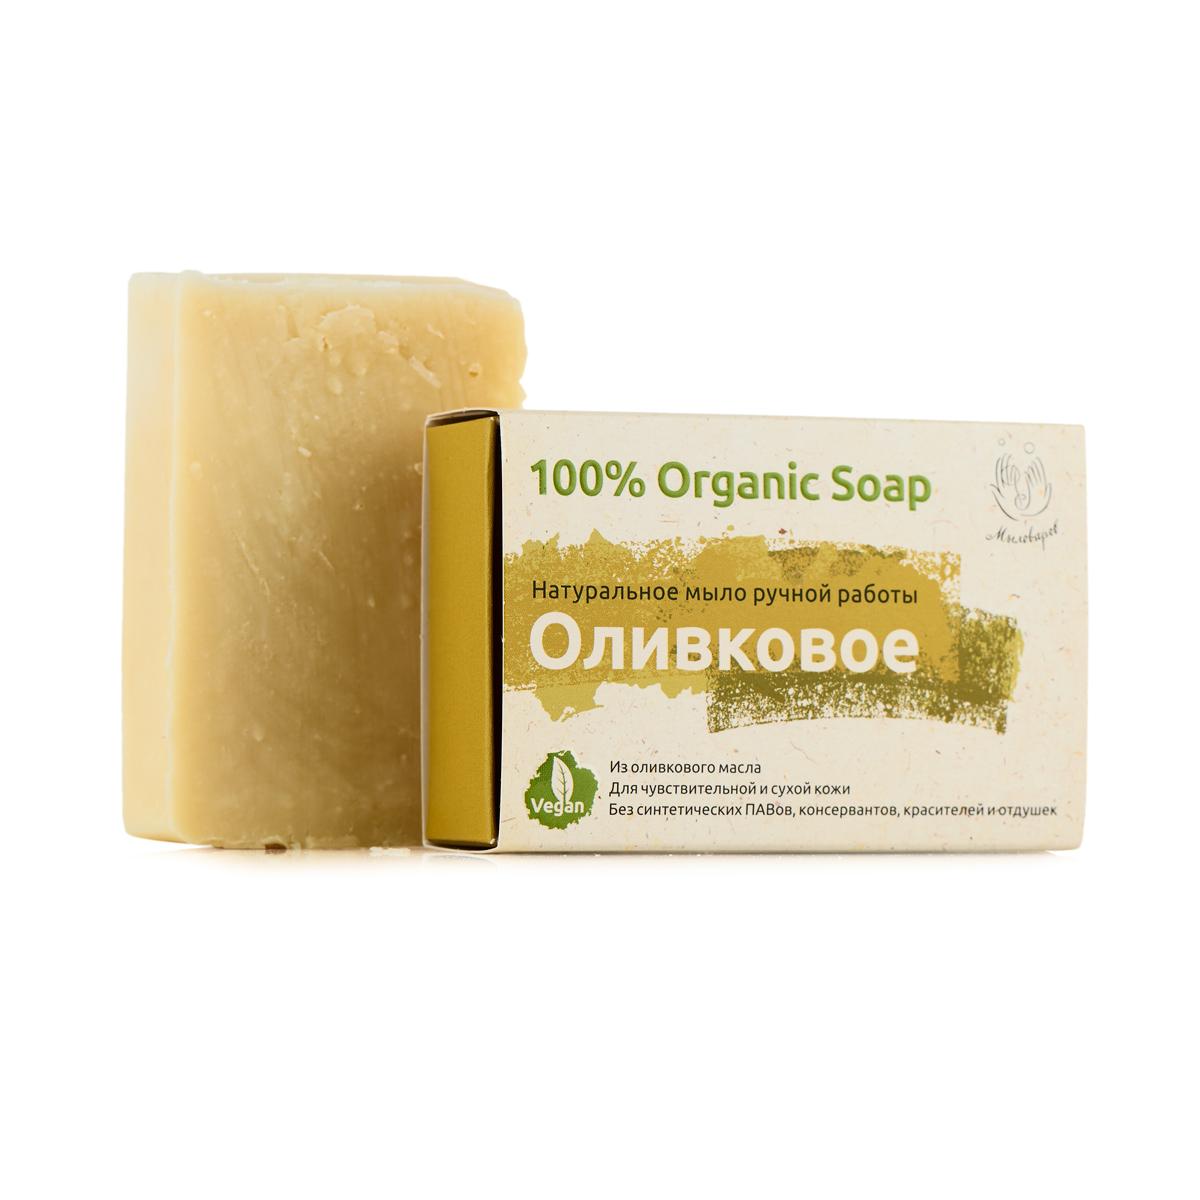 Мыловаров Натуральное мыло Оливковое 2 х 80гр.962921551Это мыло достойно лаврового венка – оно обладает уникальными омолаживающими свойствами. 100% содержание натурального оливкового масла, полученного холодным отжимом, чудесным образом преображает кожу, превращая в безупречный шелк. Ваша кожа будет блаженствовать, ощущая бережное прикосновение этого удивительно нежного натурального мыла.Это 100% натуральный продукт, не содержит искусственных ПАВов, отдушек, красителей и консервантов.Хранить такое мыло нужно в пергаментной бумаге, обеспечивая доступ кислорода. Ни в коем случае не заворачивать в пленку, потому что мыло может испортиться. Мыло должно дышать.